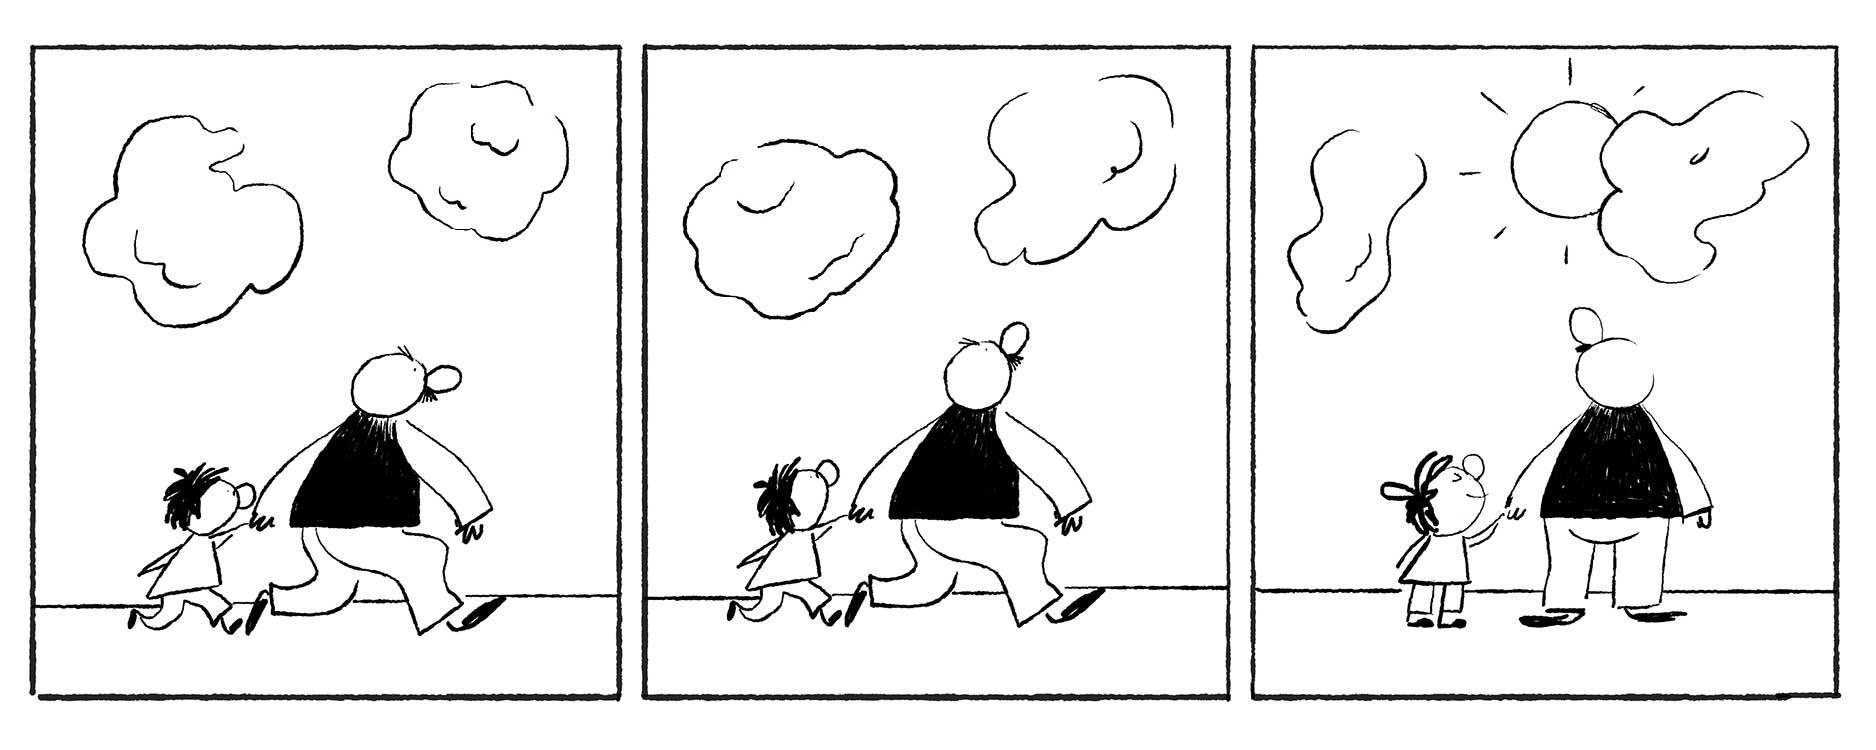 Erich Ohser Doodle Entwurf 4